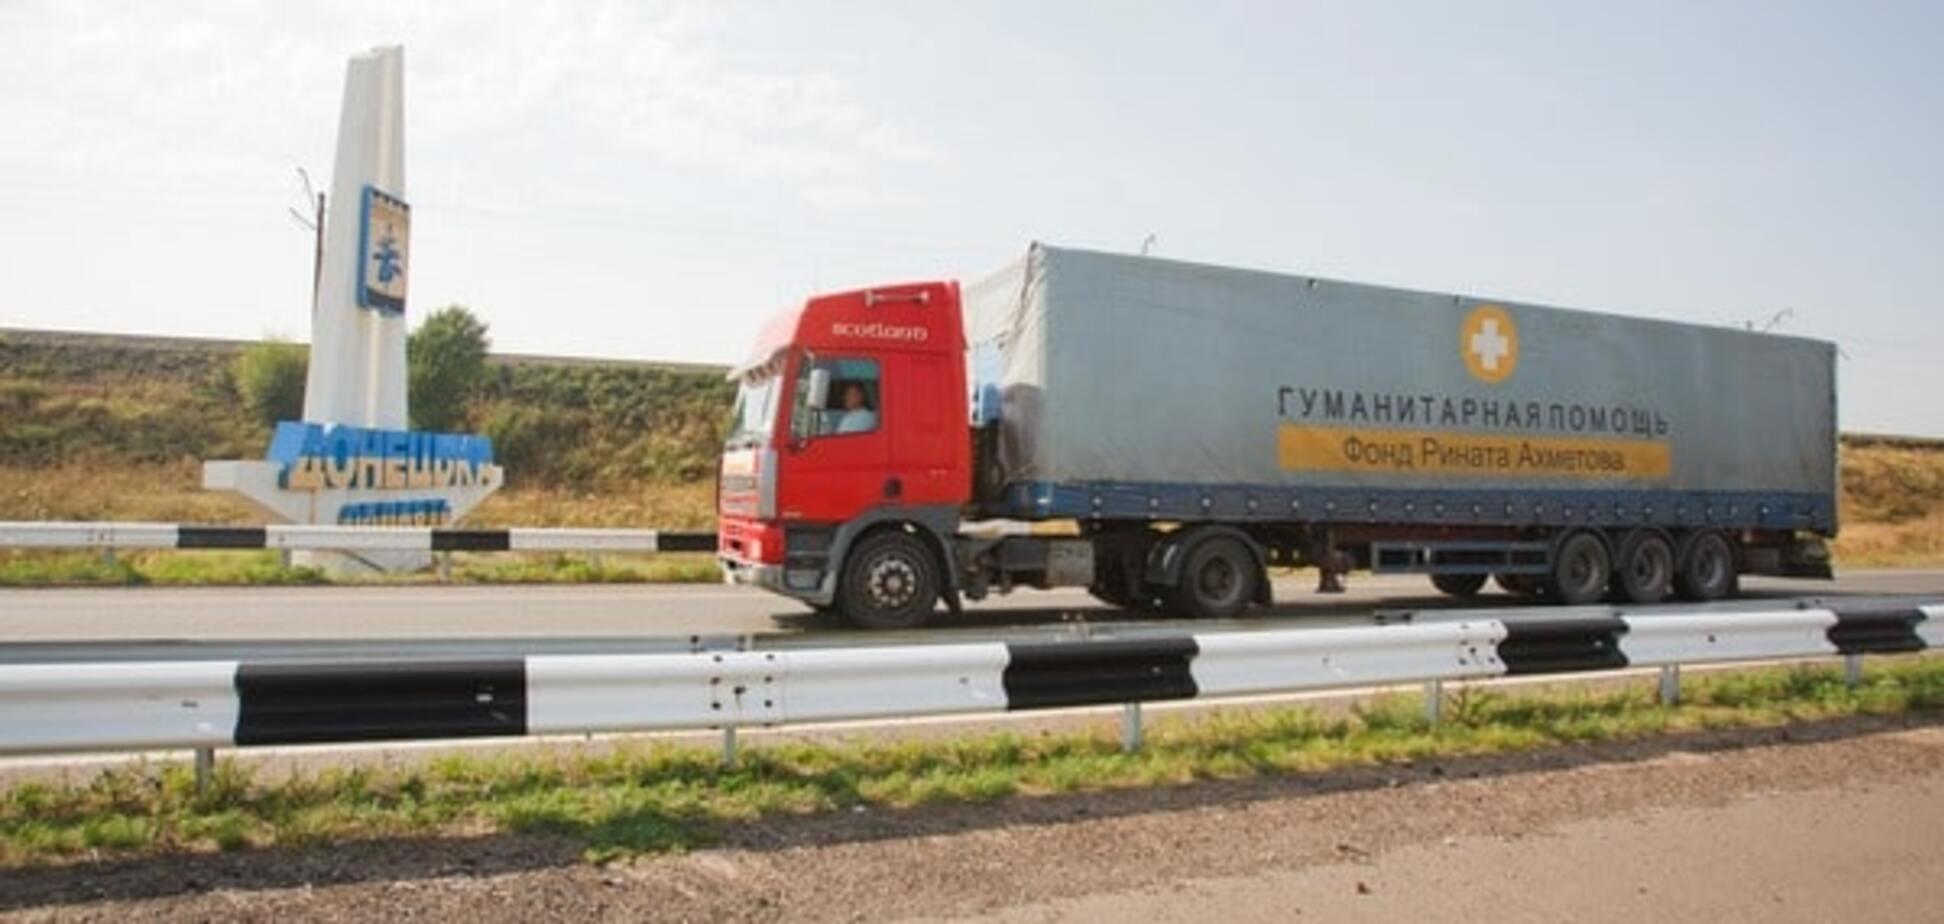 Пункты выдачи гумпомощи от штаба Ахметова вновь заработали в 12 городах Донбасса